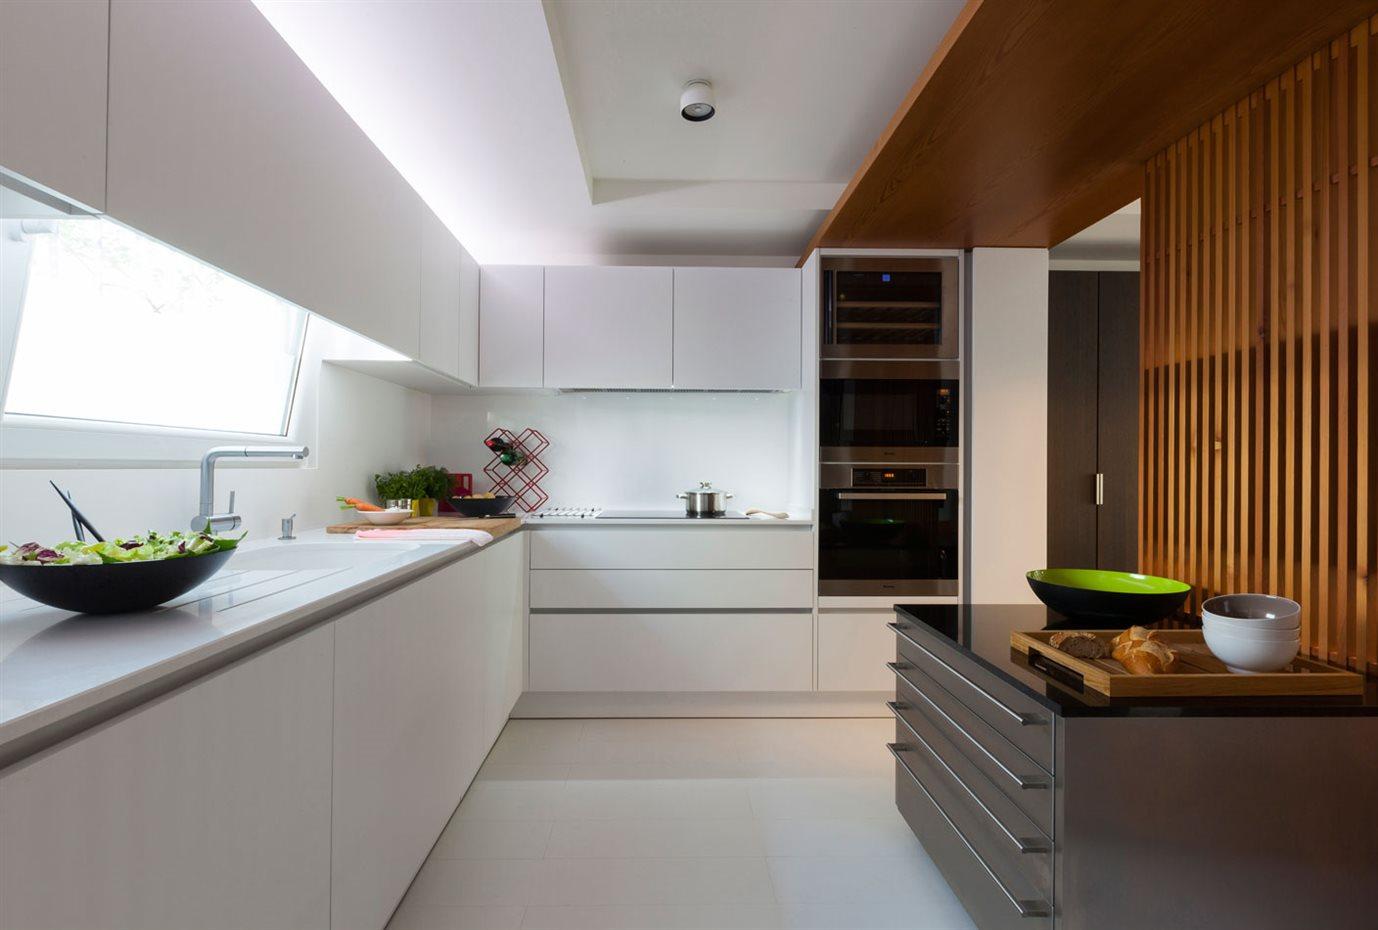 marbella4. La cocina es abierta en ambos extremos, favoreciendo la intercomunicación con el resto de la vivienda. La mampara corredera de listones de madera y dos islas auxiliares son los únicos elementos divisores